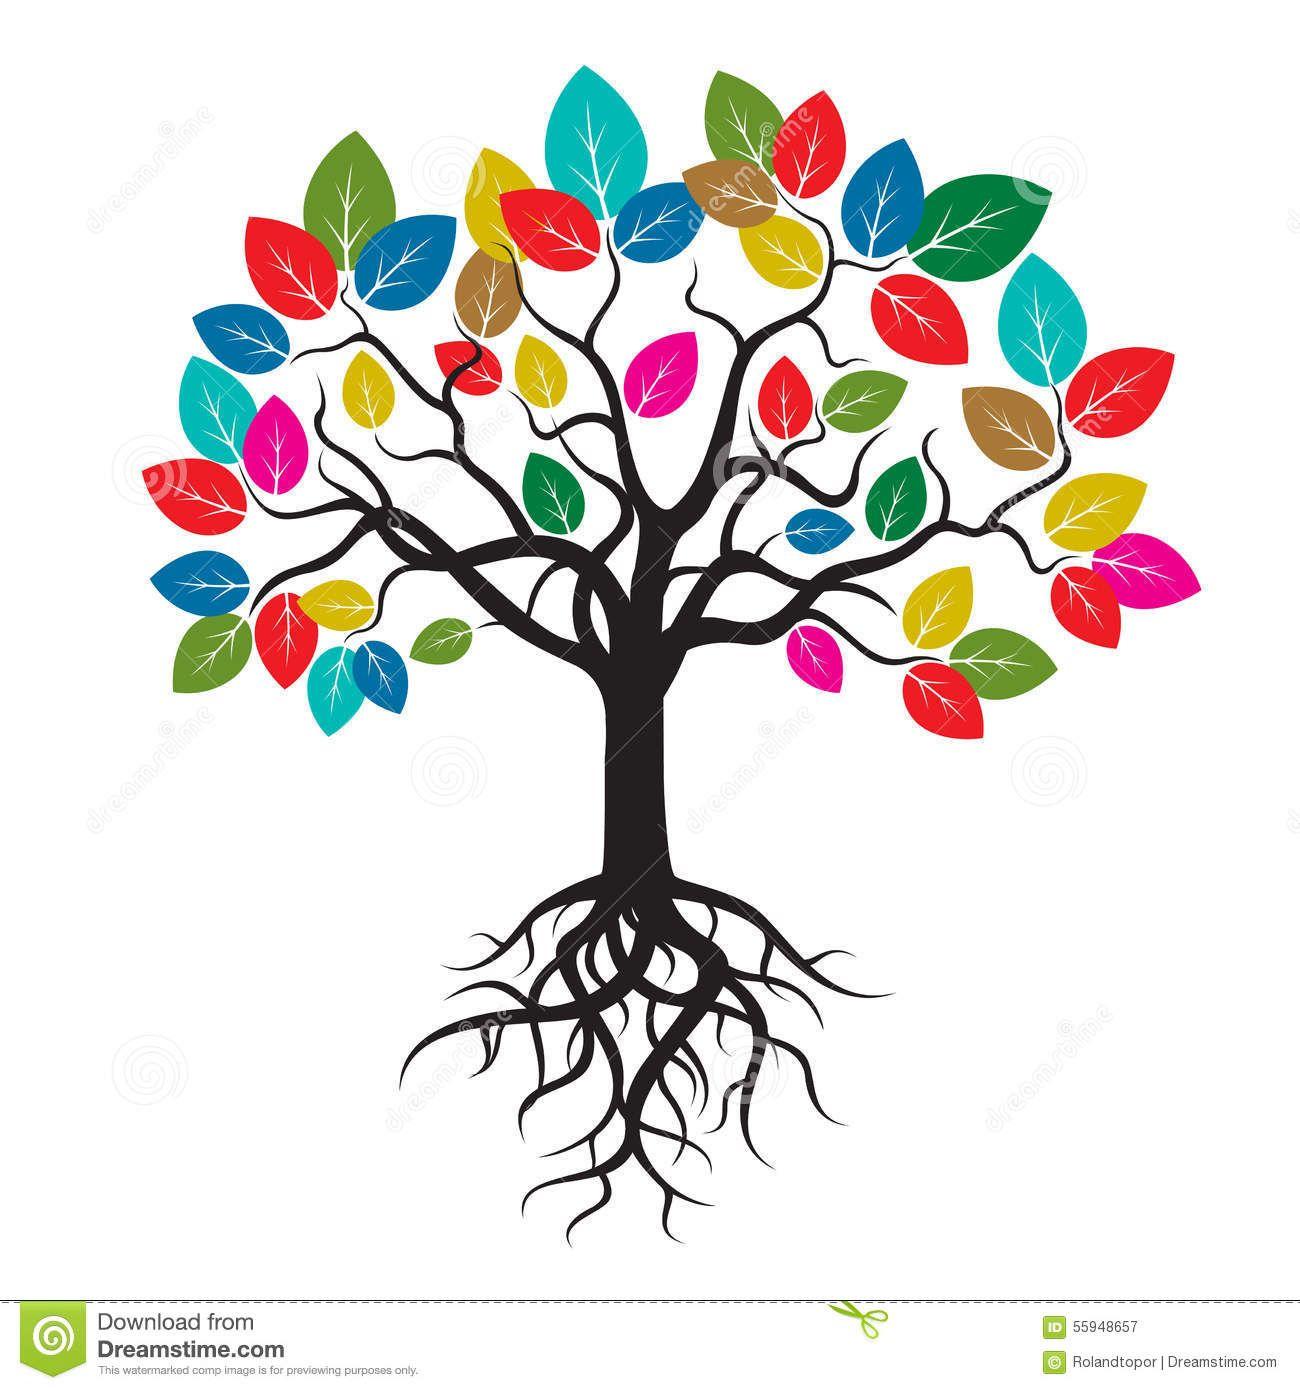 Imagem relacionada (con imágenes) | Hojas de color, Dibujos de árboles,  Arbol de la vida